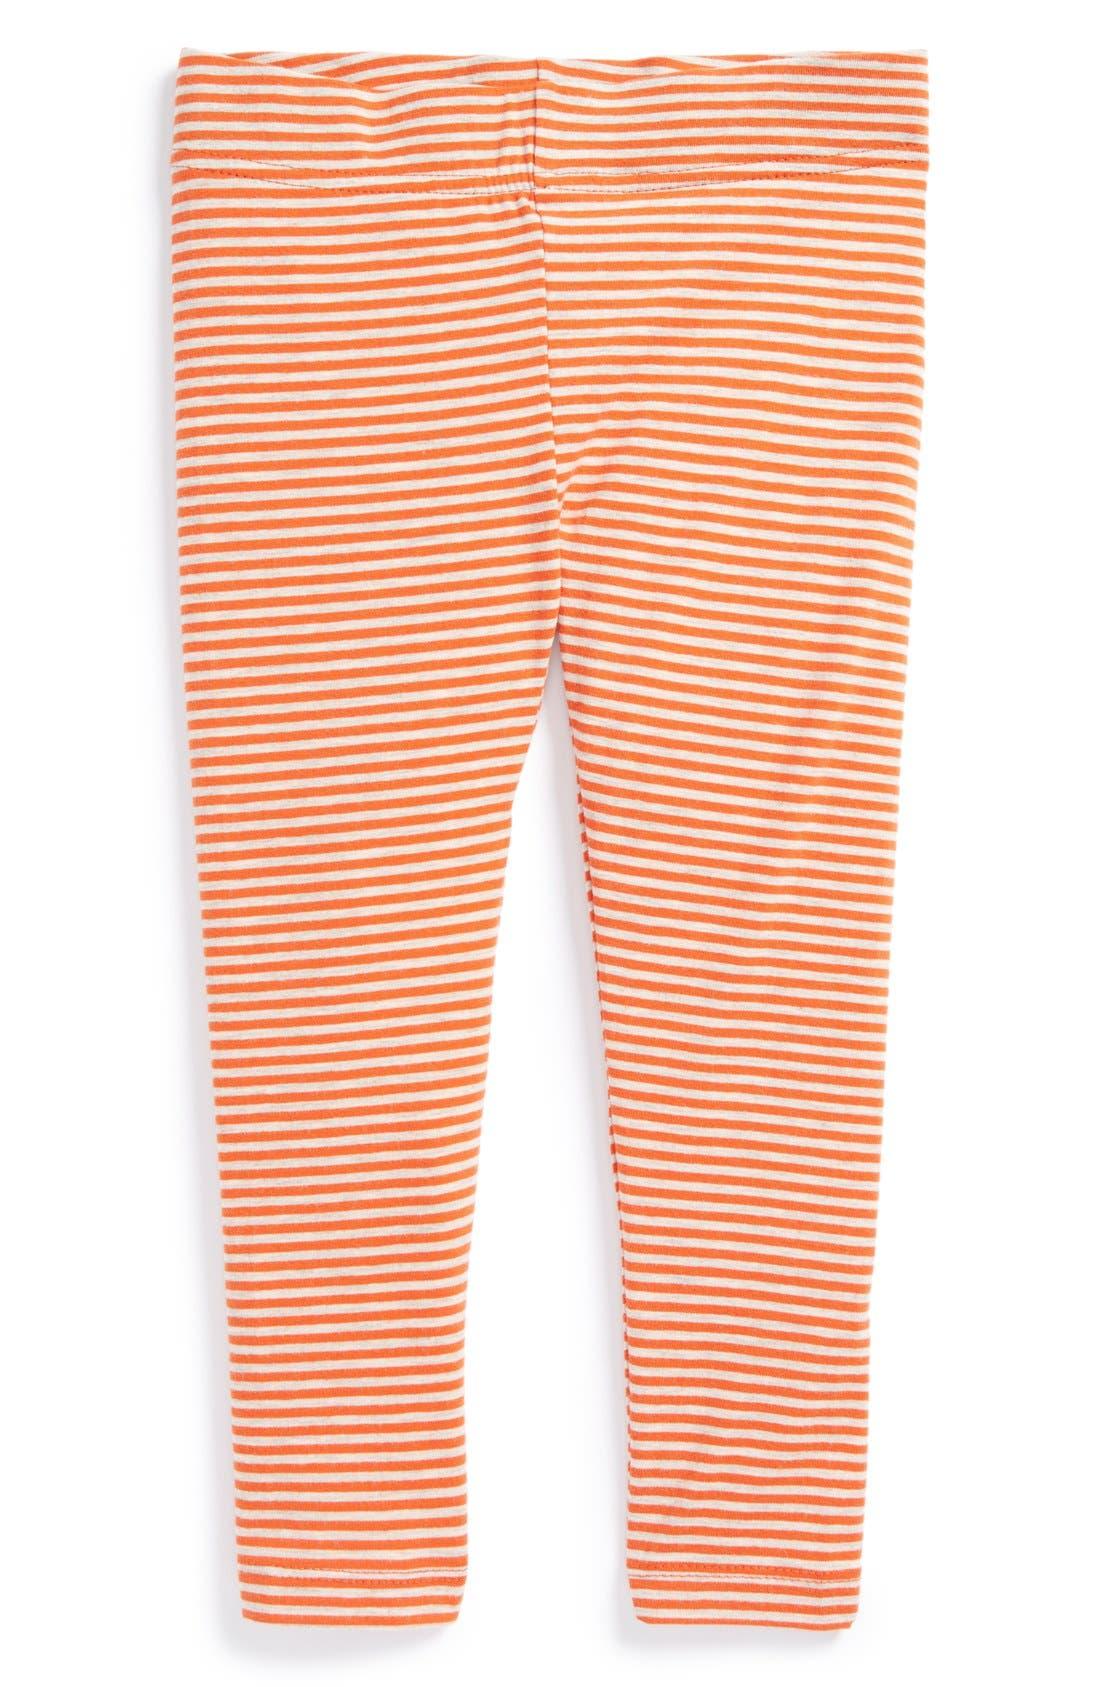 Alternate Image 1 Selected - Tucker + Tate Stripe Leggings (Toddler Girls)